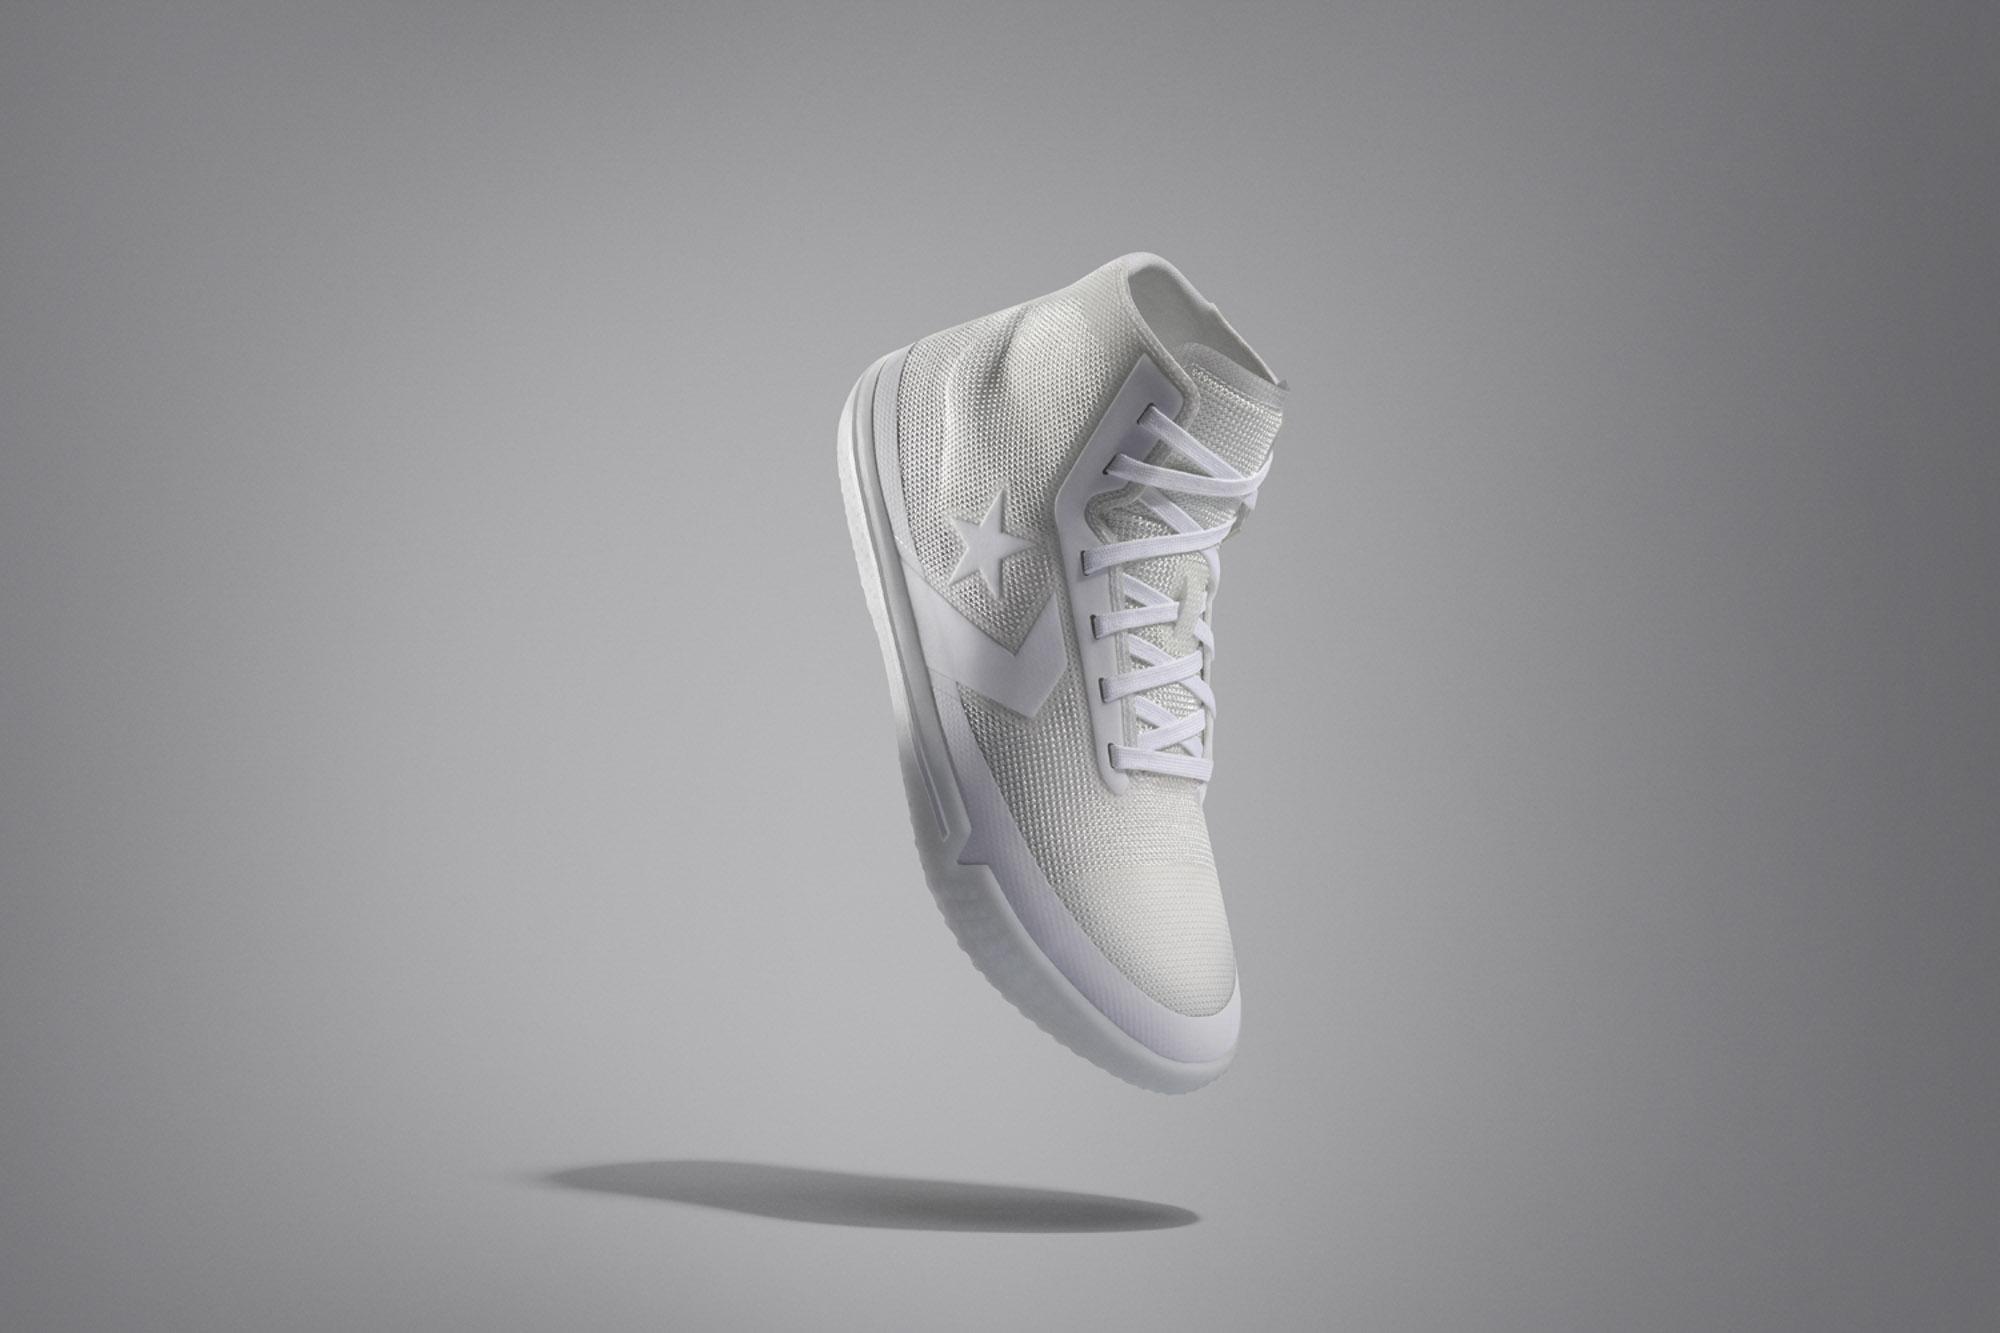 Converse,Chuck 70,Pro Leather, 纯白配色 + 经典主题!Converse 全明星系列本周发售